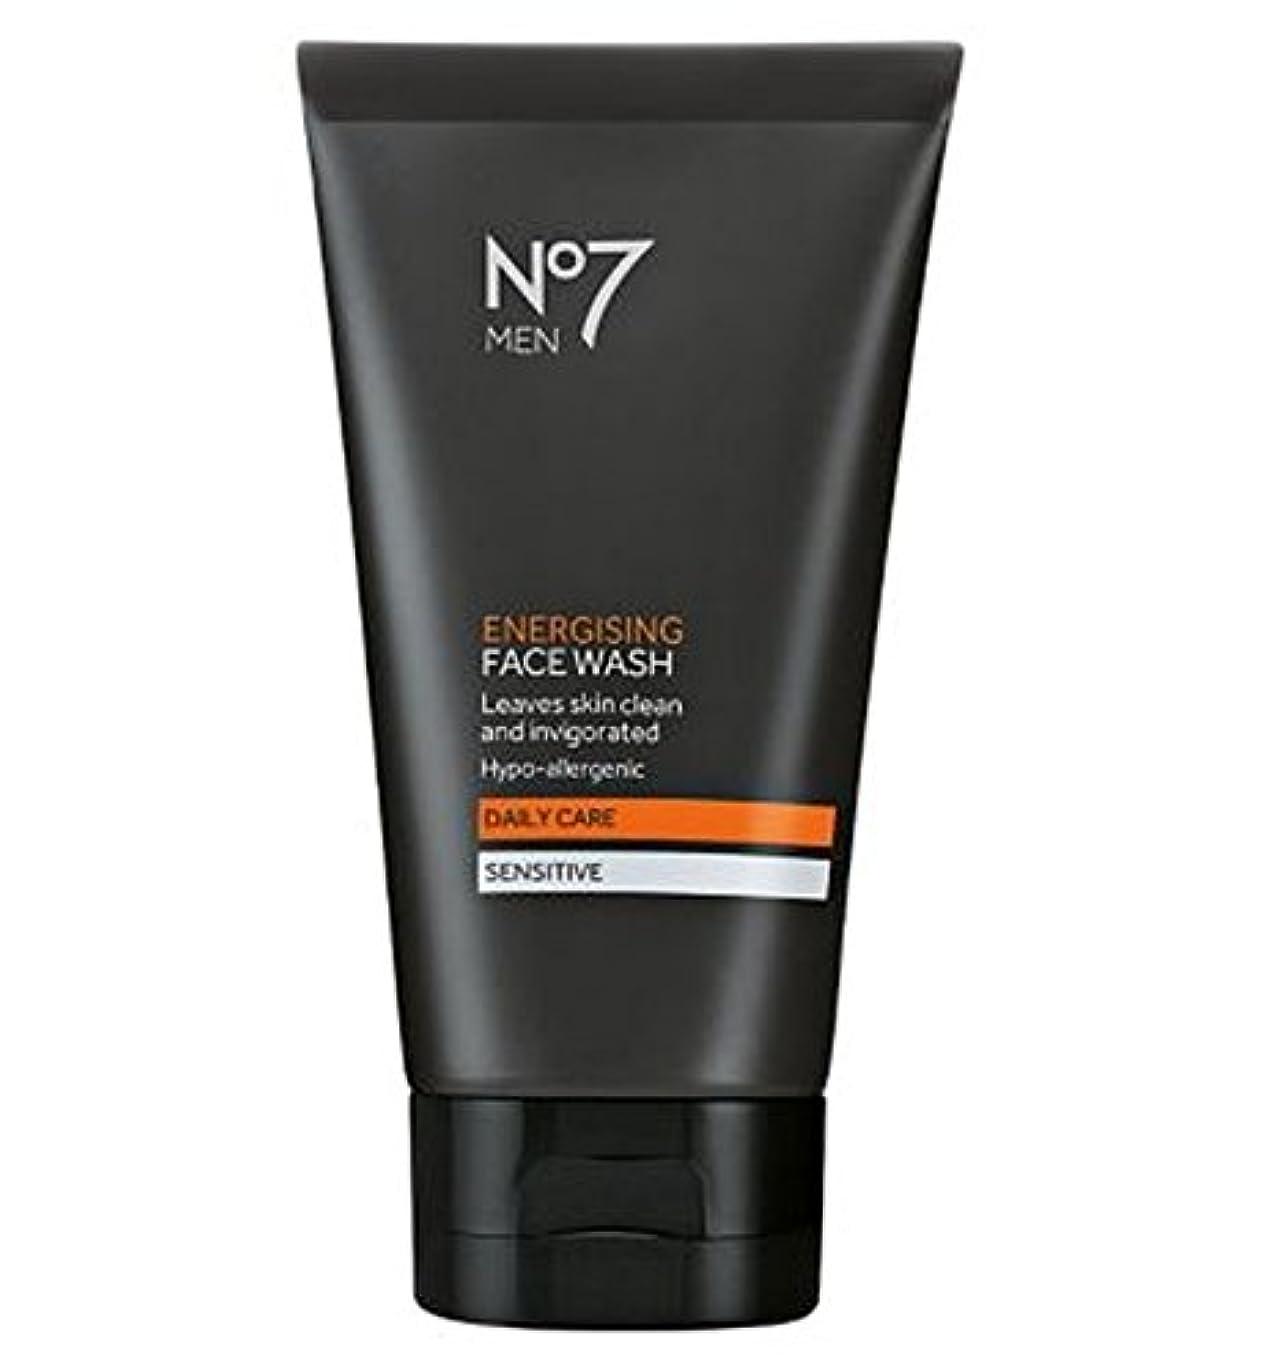 技術的なリビジョン動的No7 Men Energising Face Wash 150ml - 洗顔料の150ミリリットルを通電No7の男性 (No7) [並行輸入品]